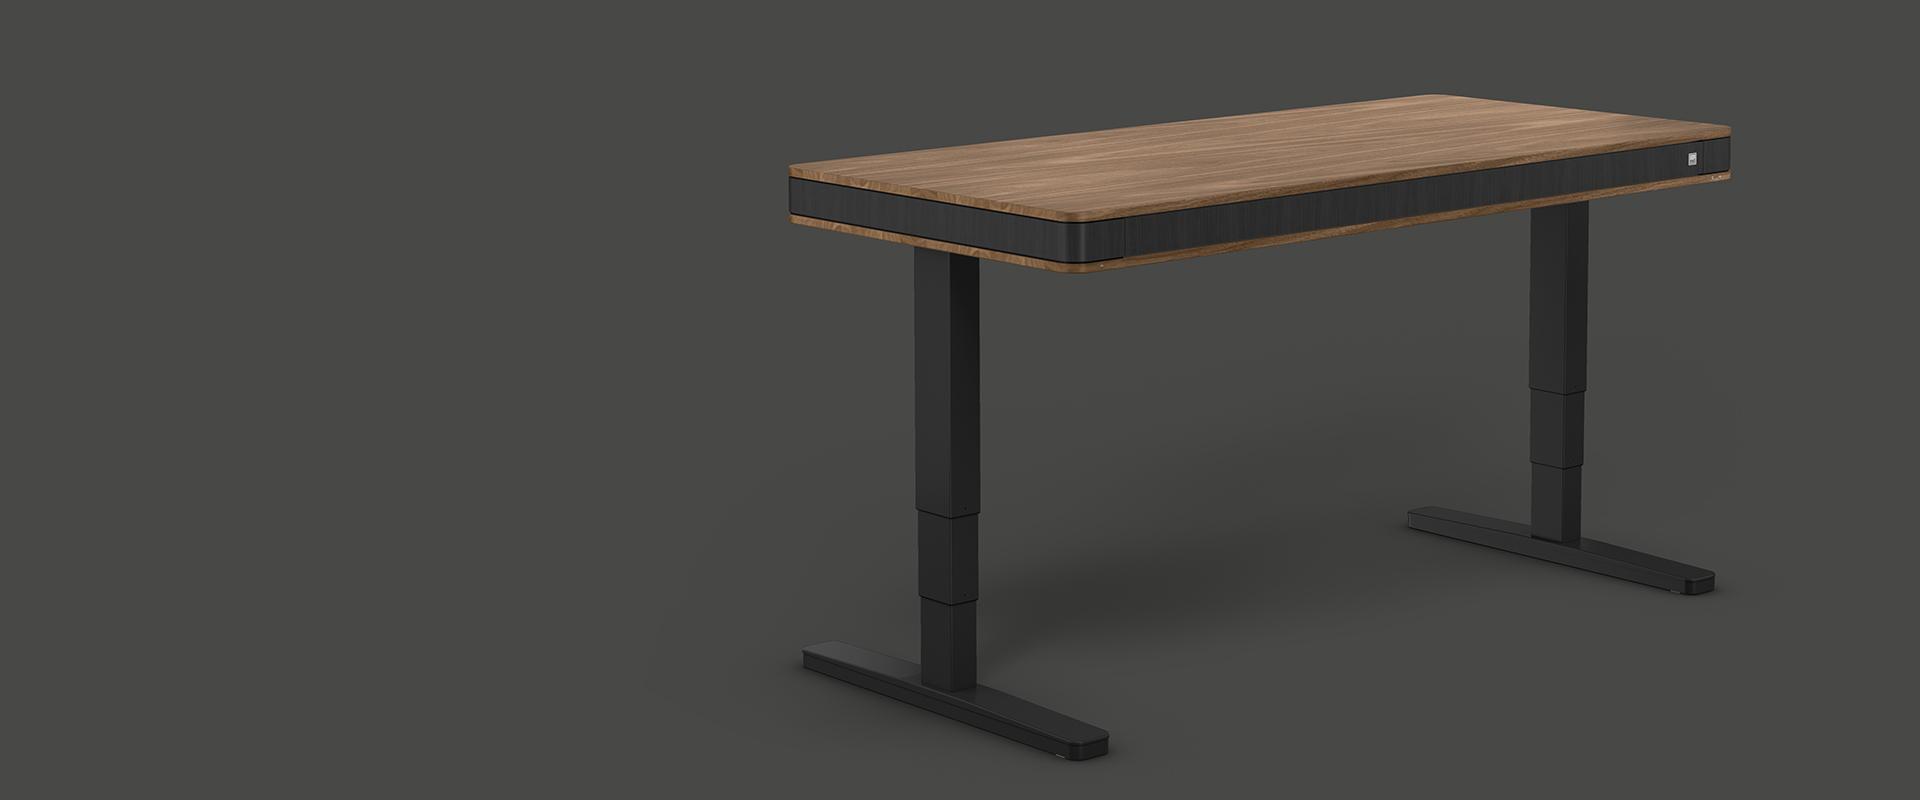 Schreibtischstuhl neu beziehen moll Moll Schreibtischstuhl